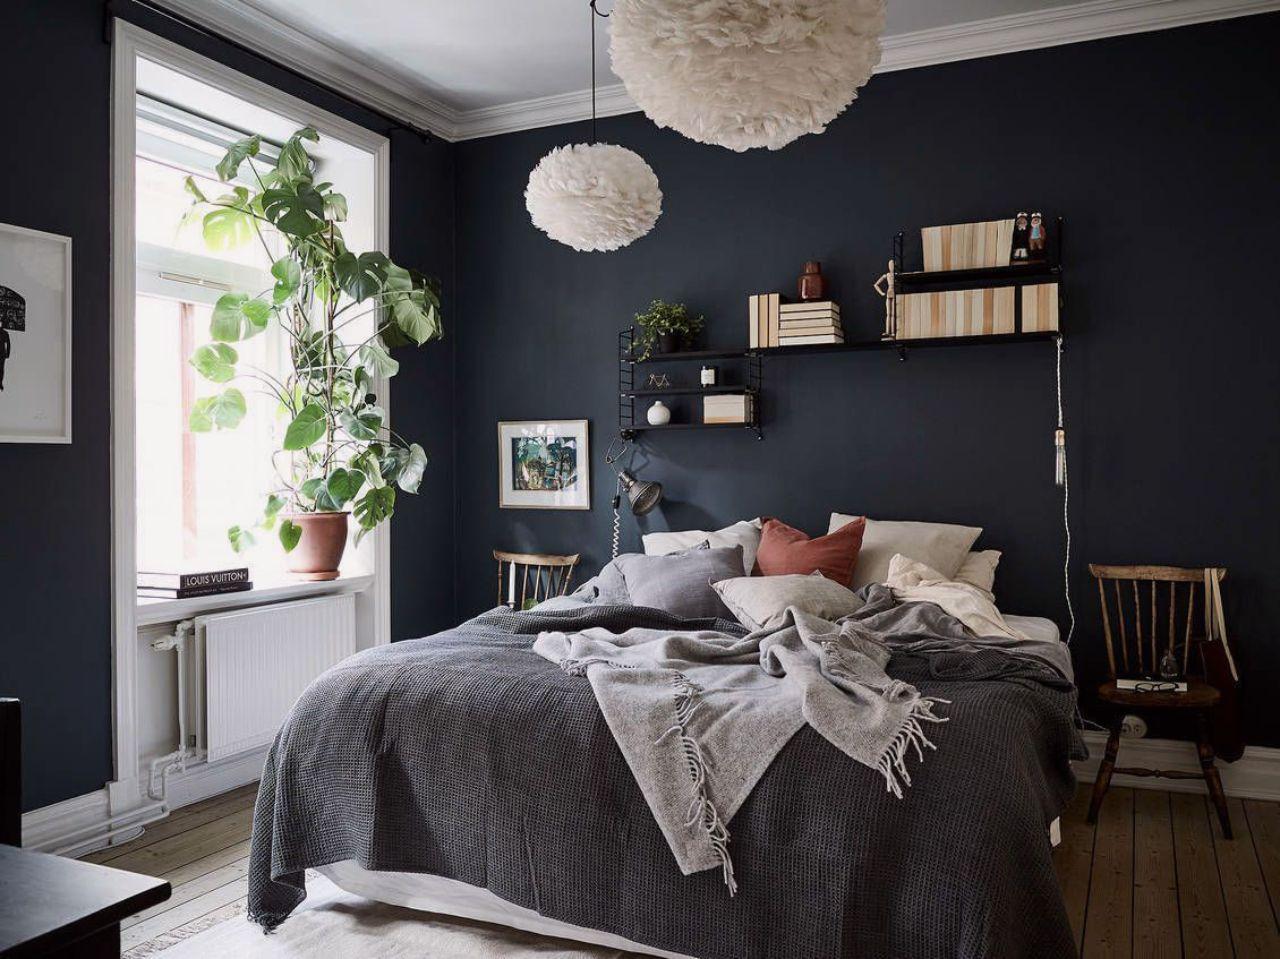 thiết kế nội thất phòng ngủ Scandi tông màu tối